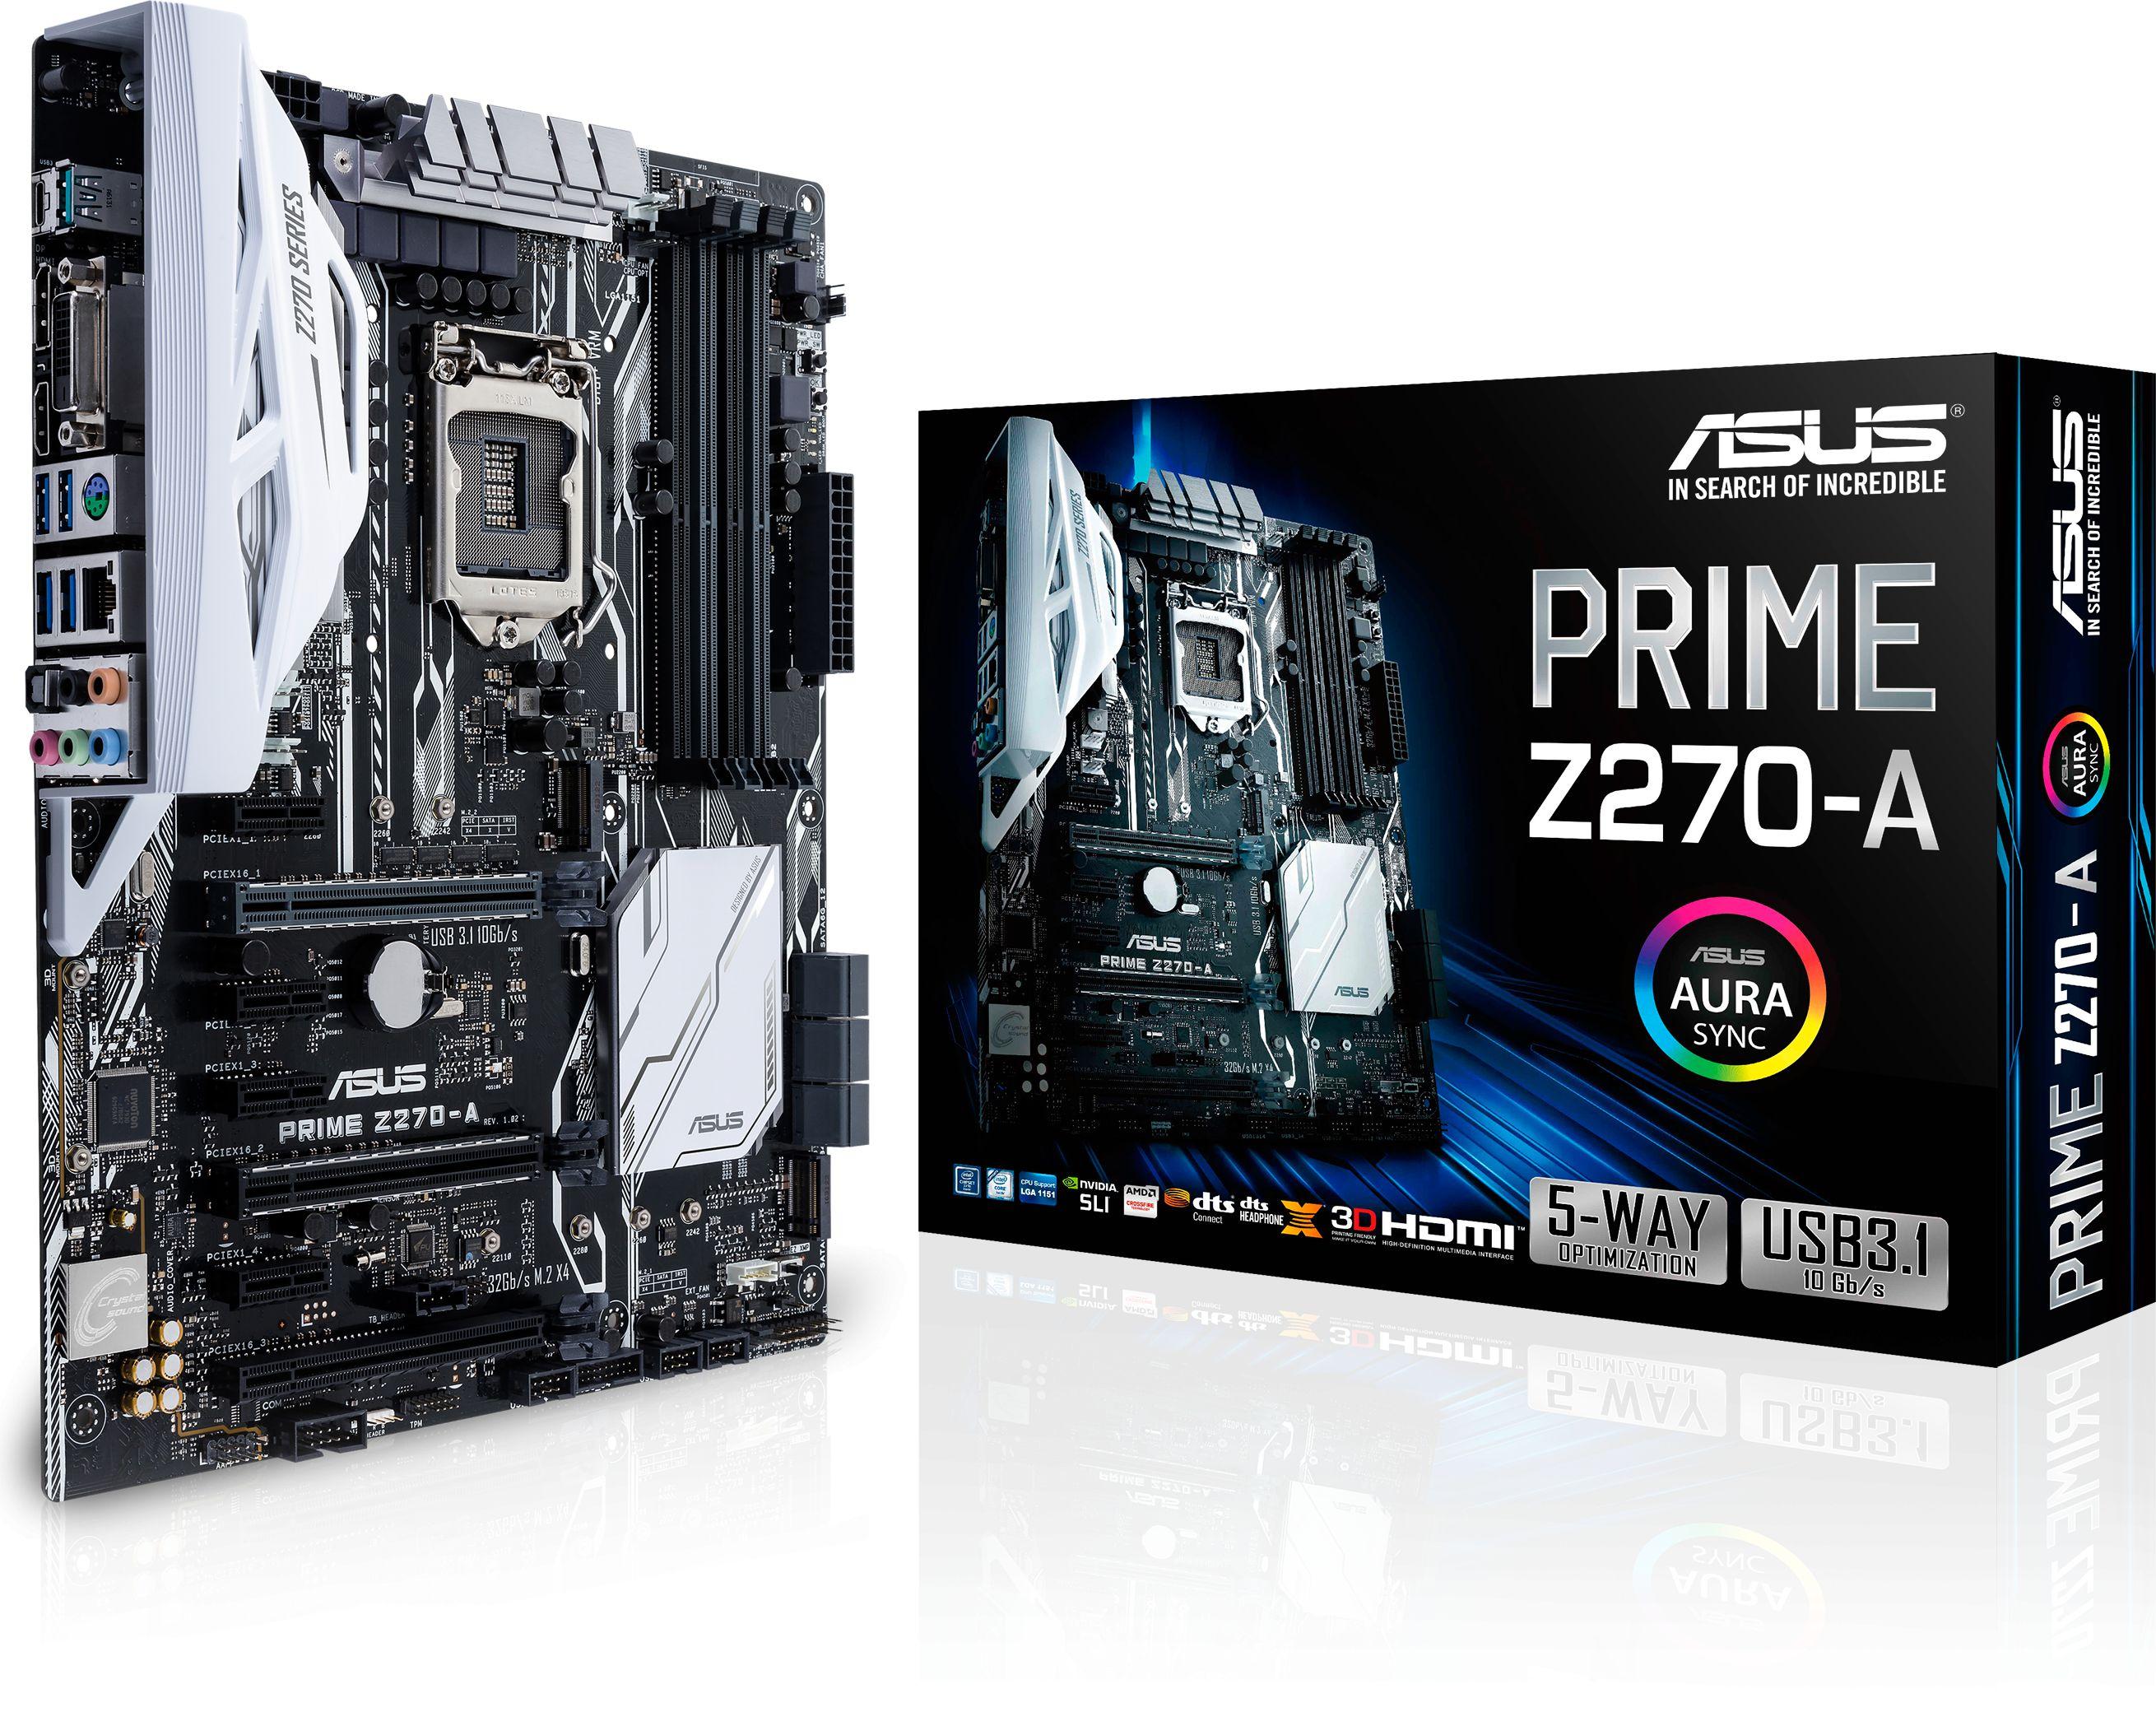 PRIME Z270-A LGA1151 ATX Motherboard